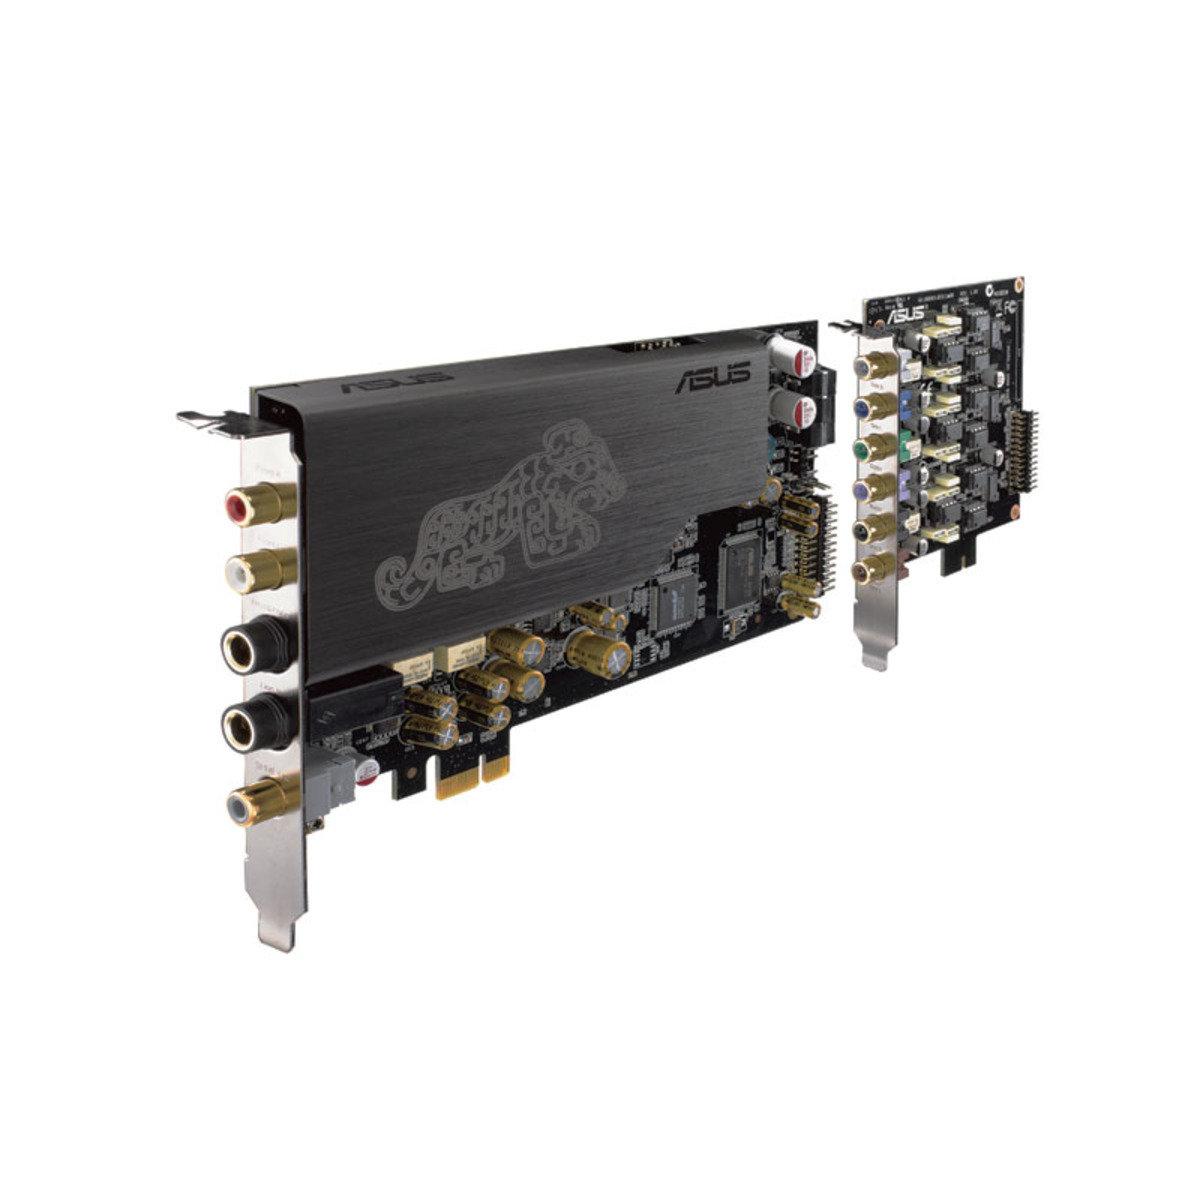 旗艦級 PCI-E 7.1聲道 電腦內置音效卡 Essence STX II 7.1